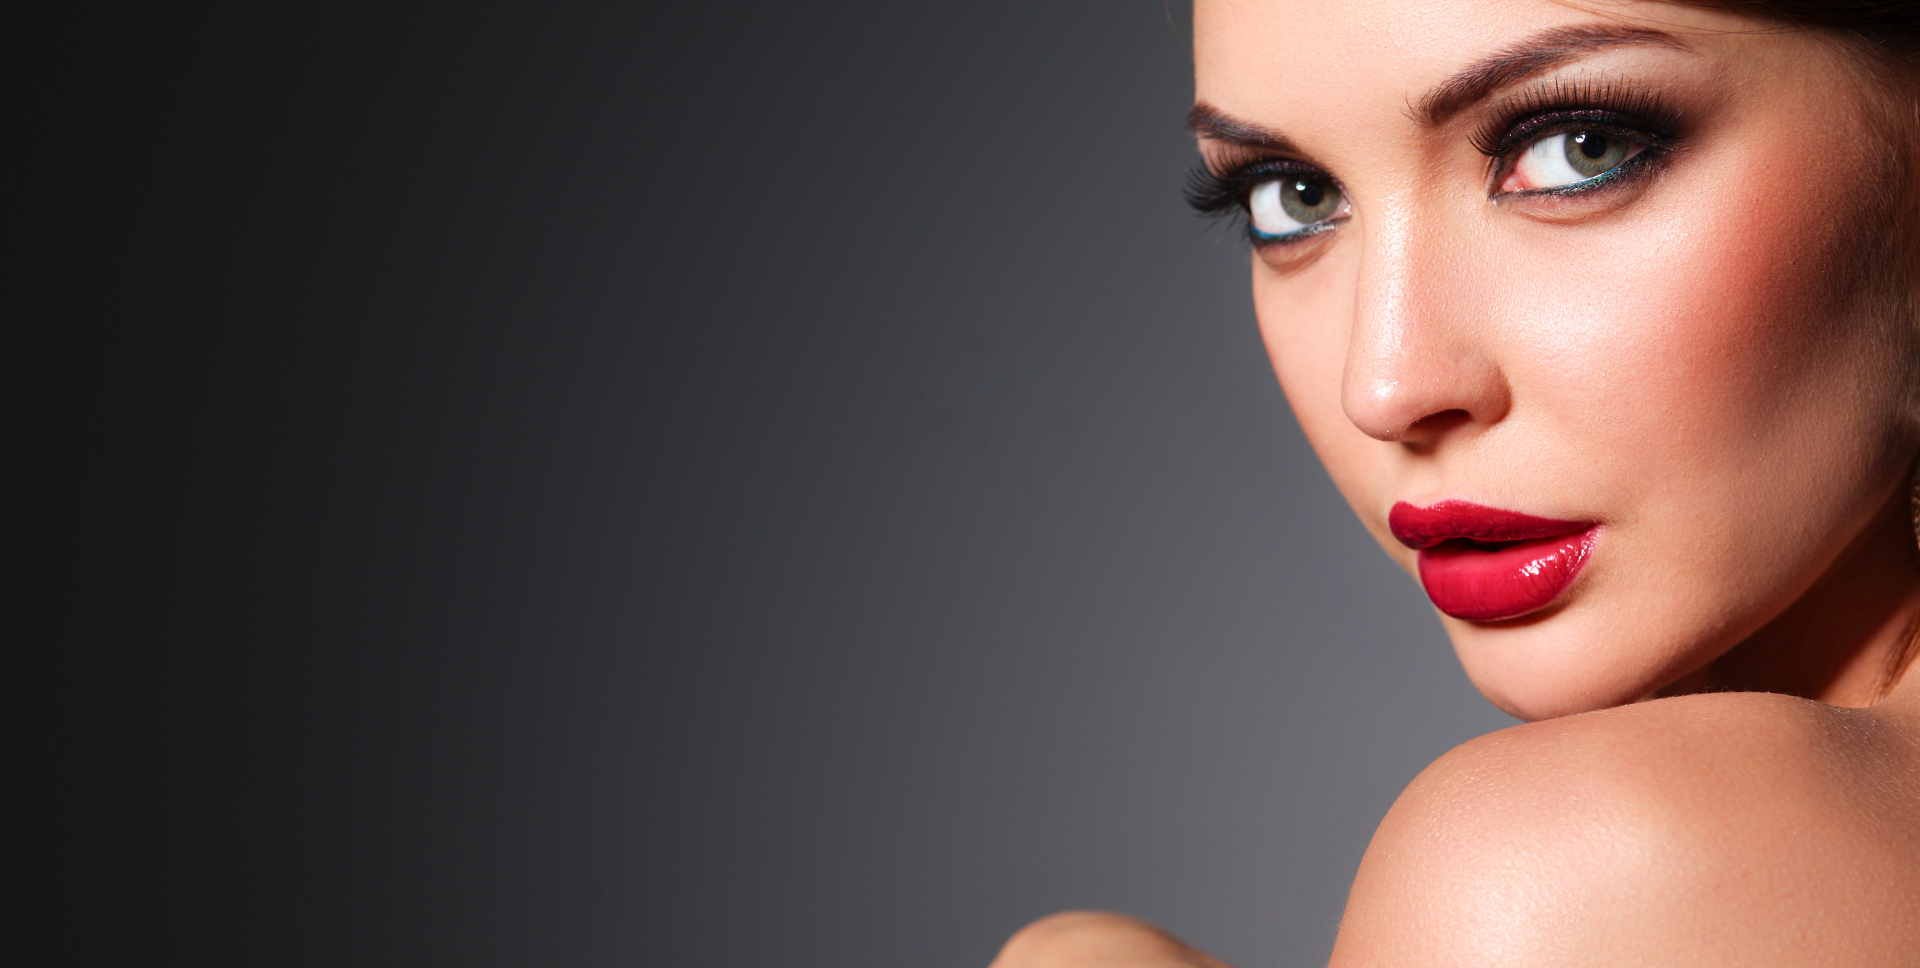 bella 39 s beauty spa bella s beauty spa ist mehr als nur ein kosmetikstudio wir sind. Black Bedroom Furniture Sets. Home Design Ideas